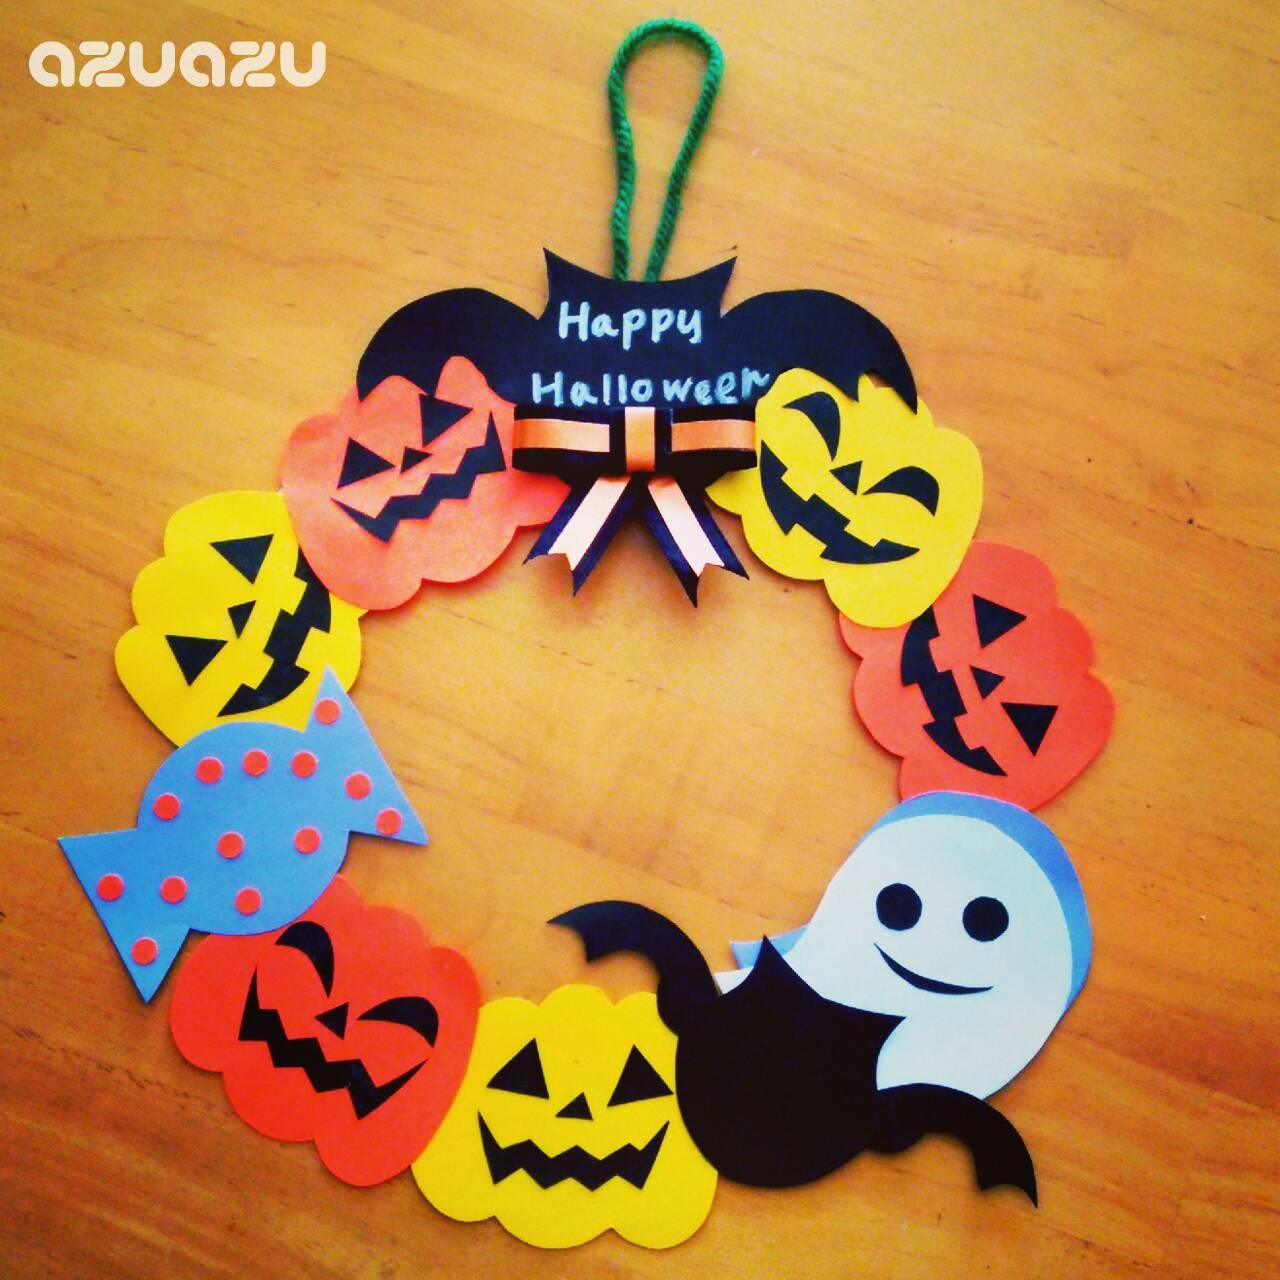 ハロウィン飾りを簡単工作♪100均 色画用紙や折り紙で作る 5選 - リビング埼玉Web